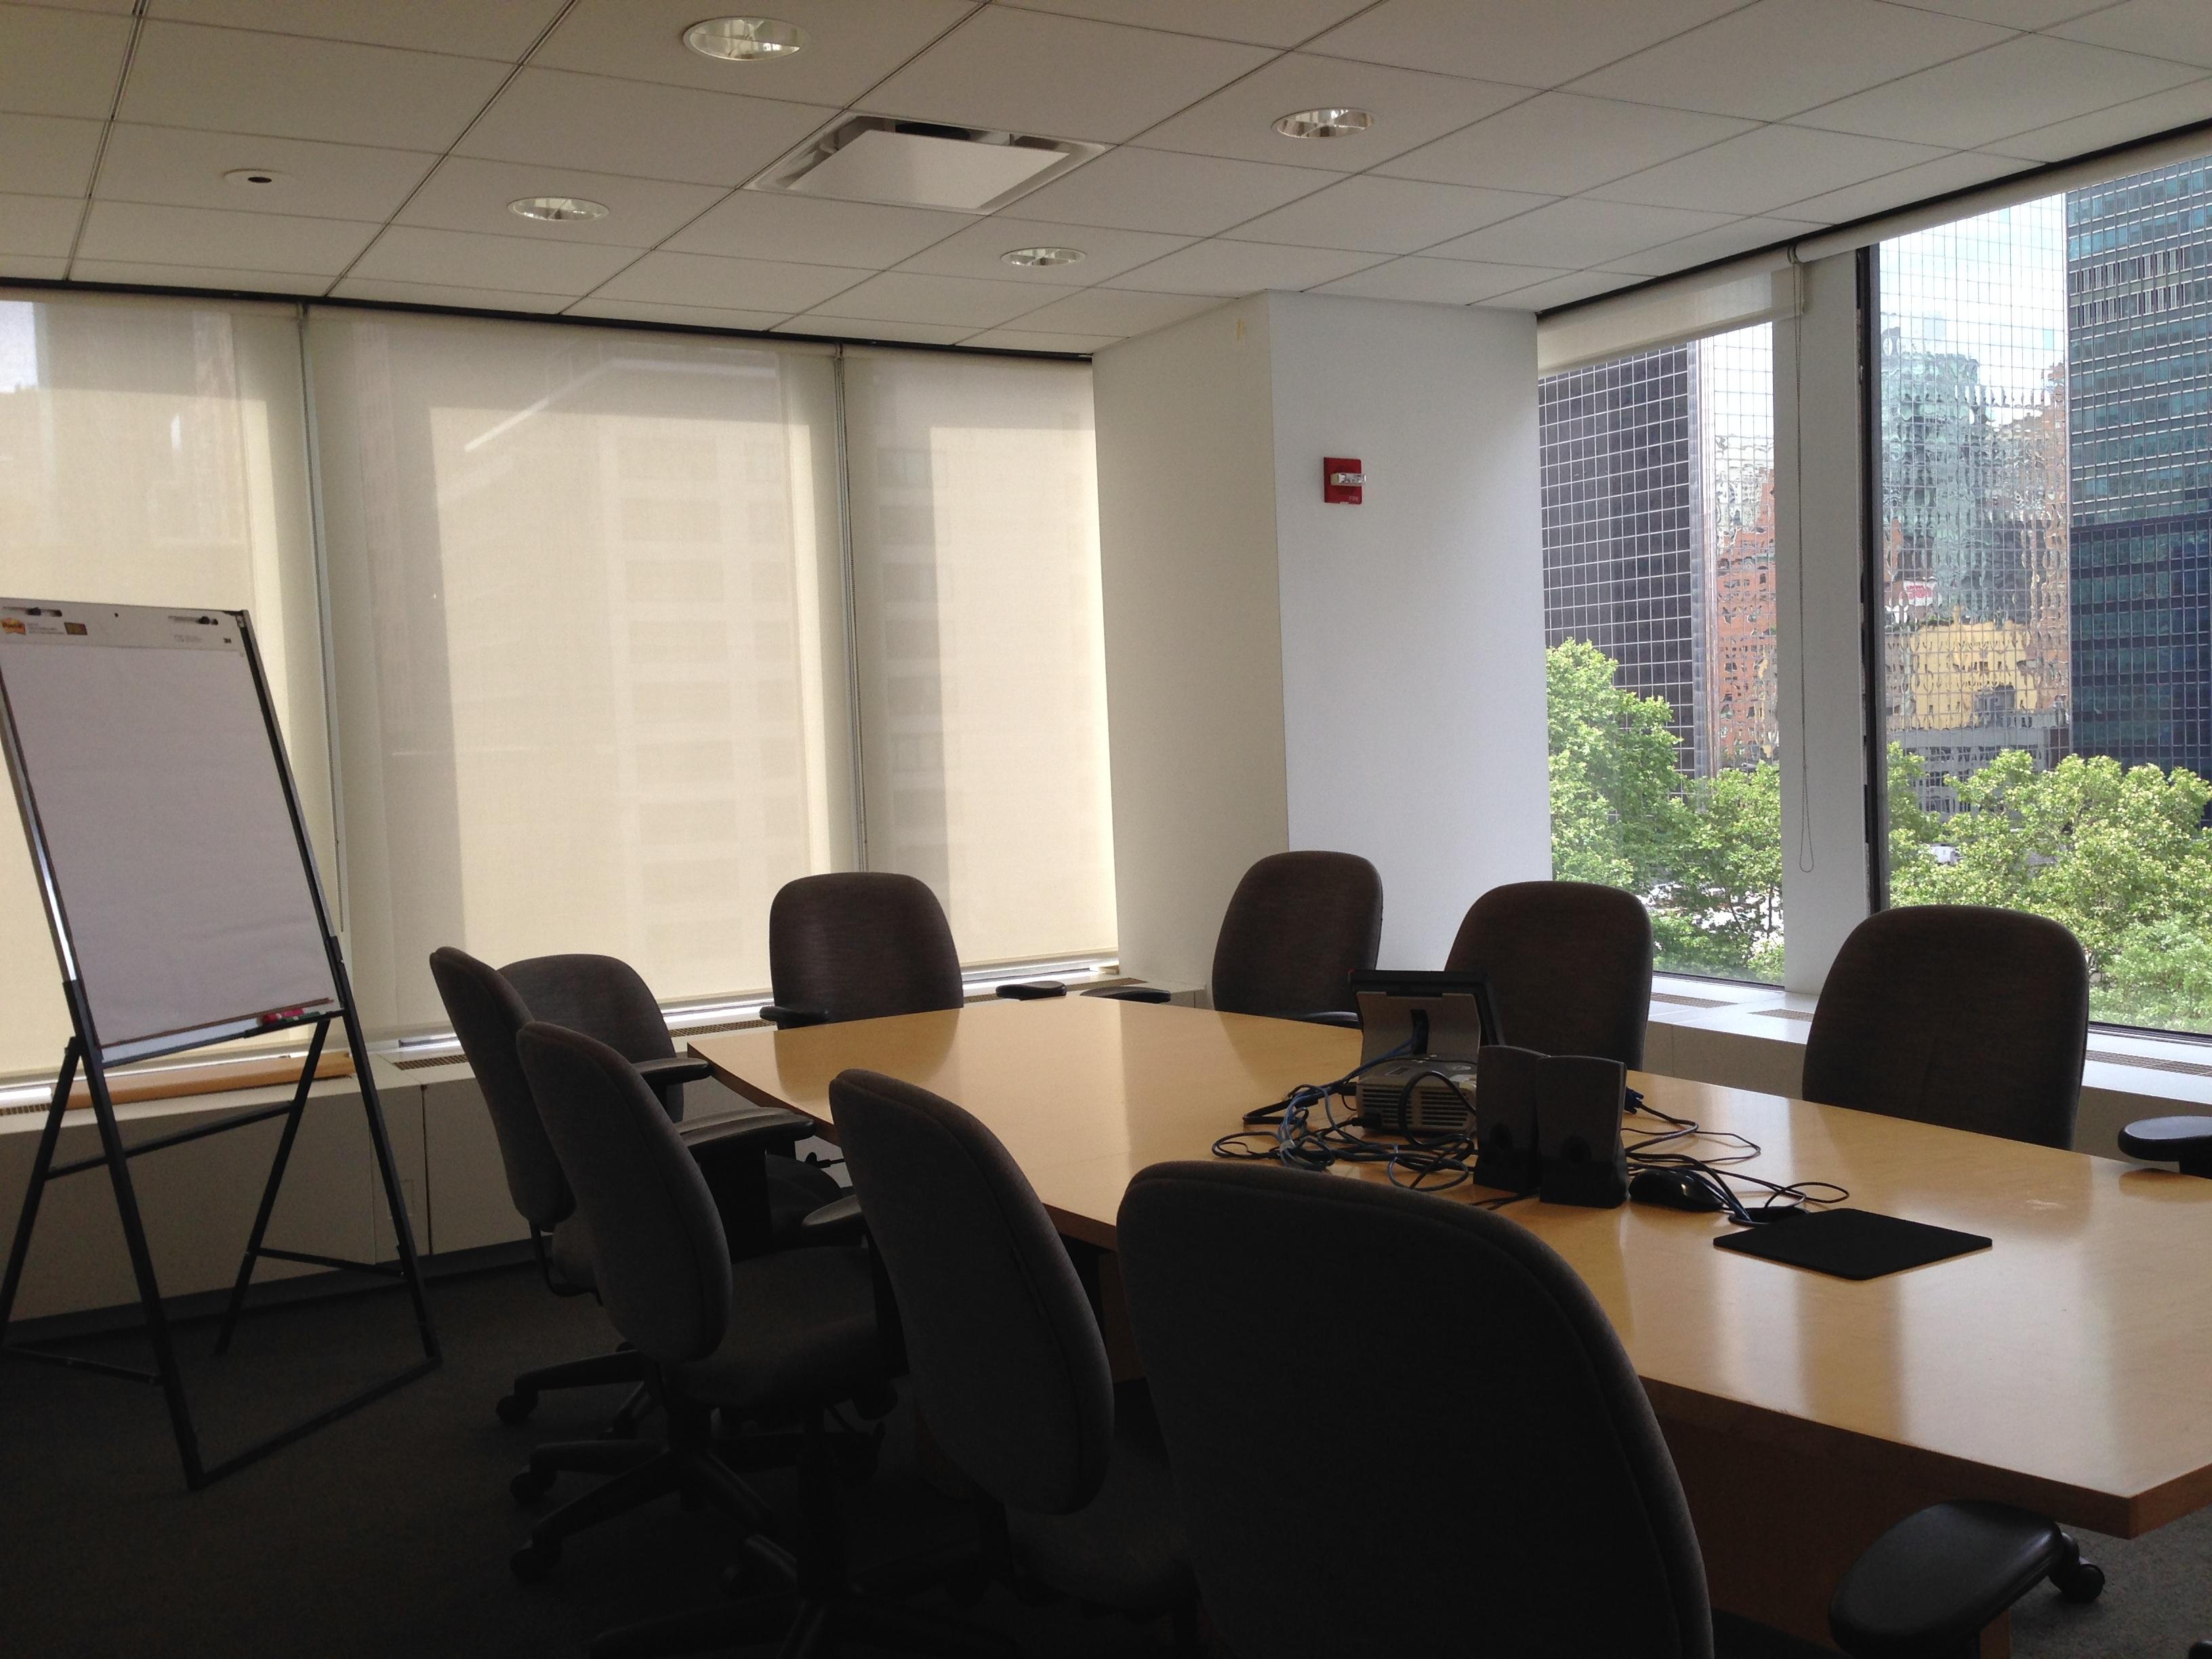 Fotos gratis mesa silla reuni n corporativo oficina for Sillas para negocio